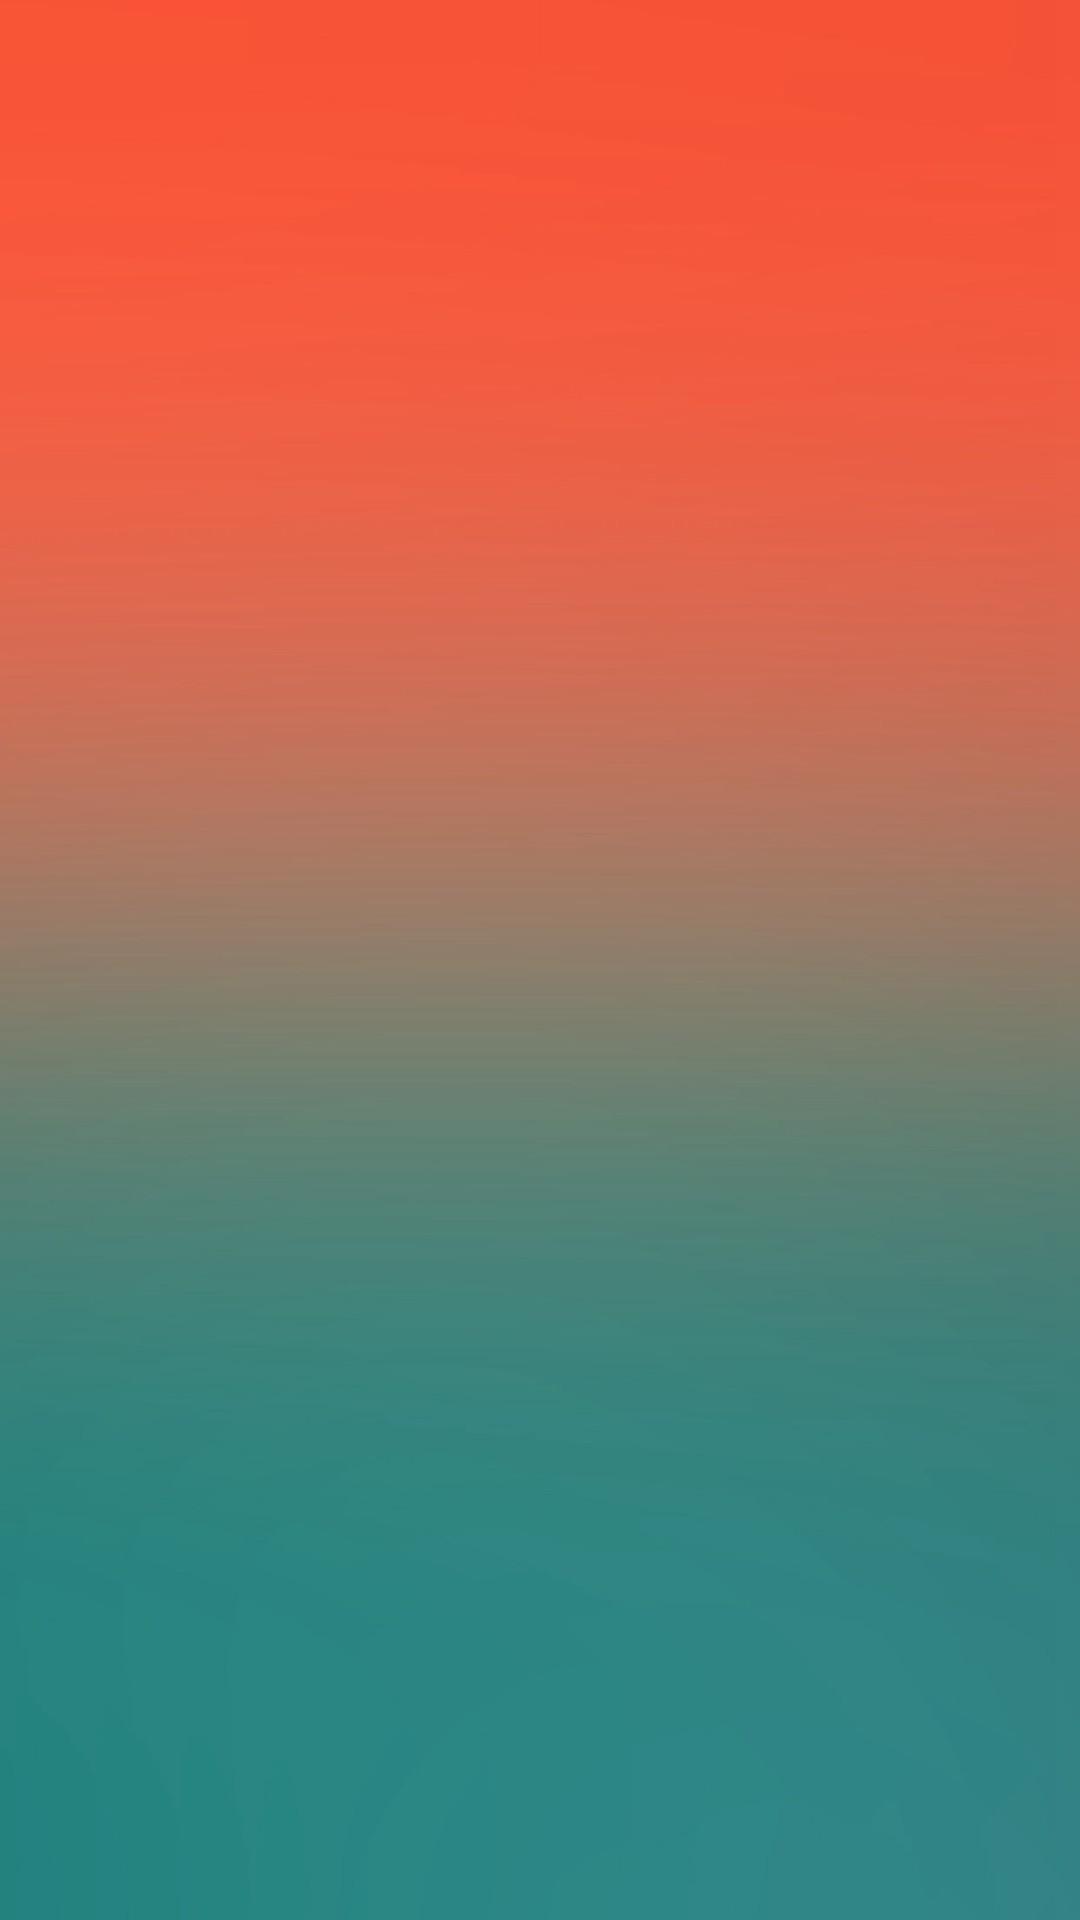 Japanese Art Red Green Gradation Blur iPhone 6 wallpaper